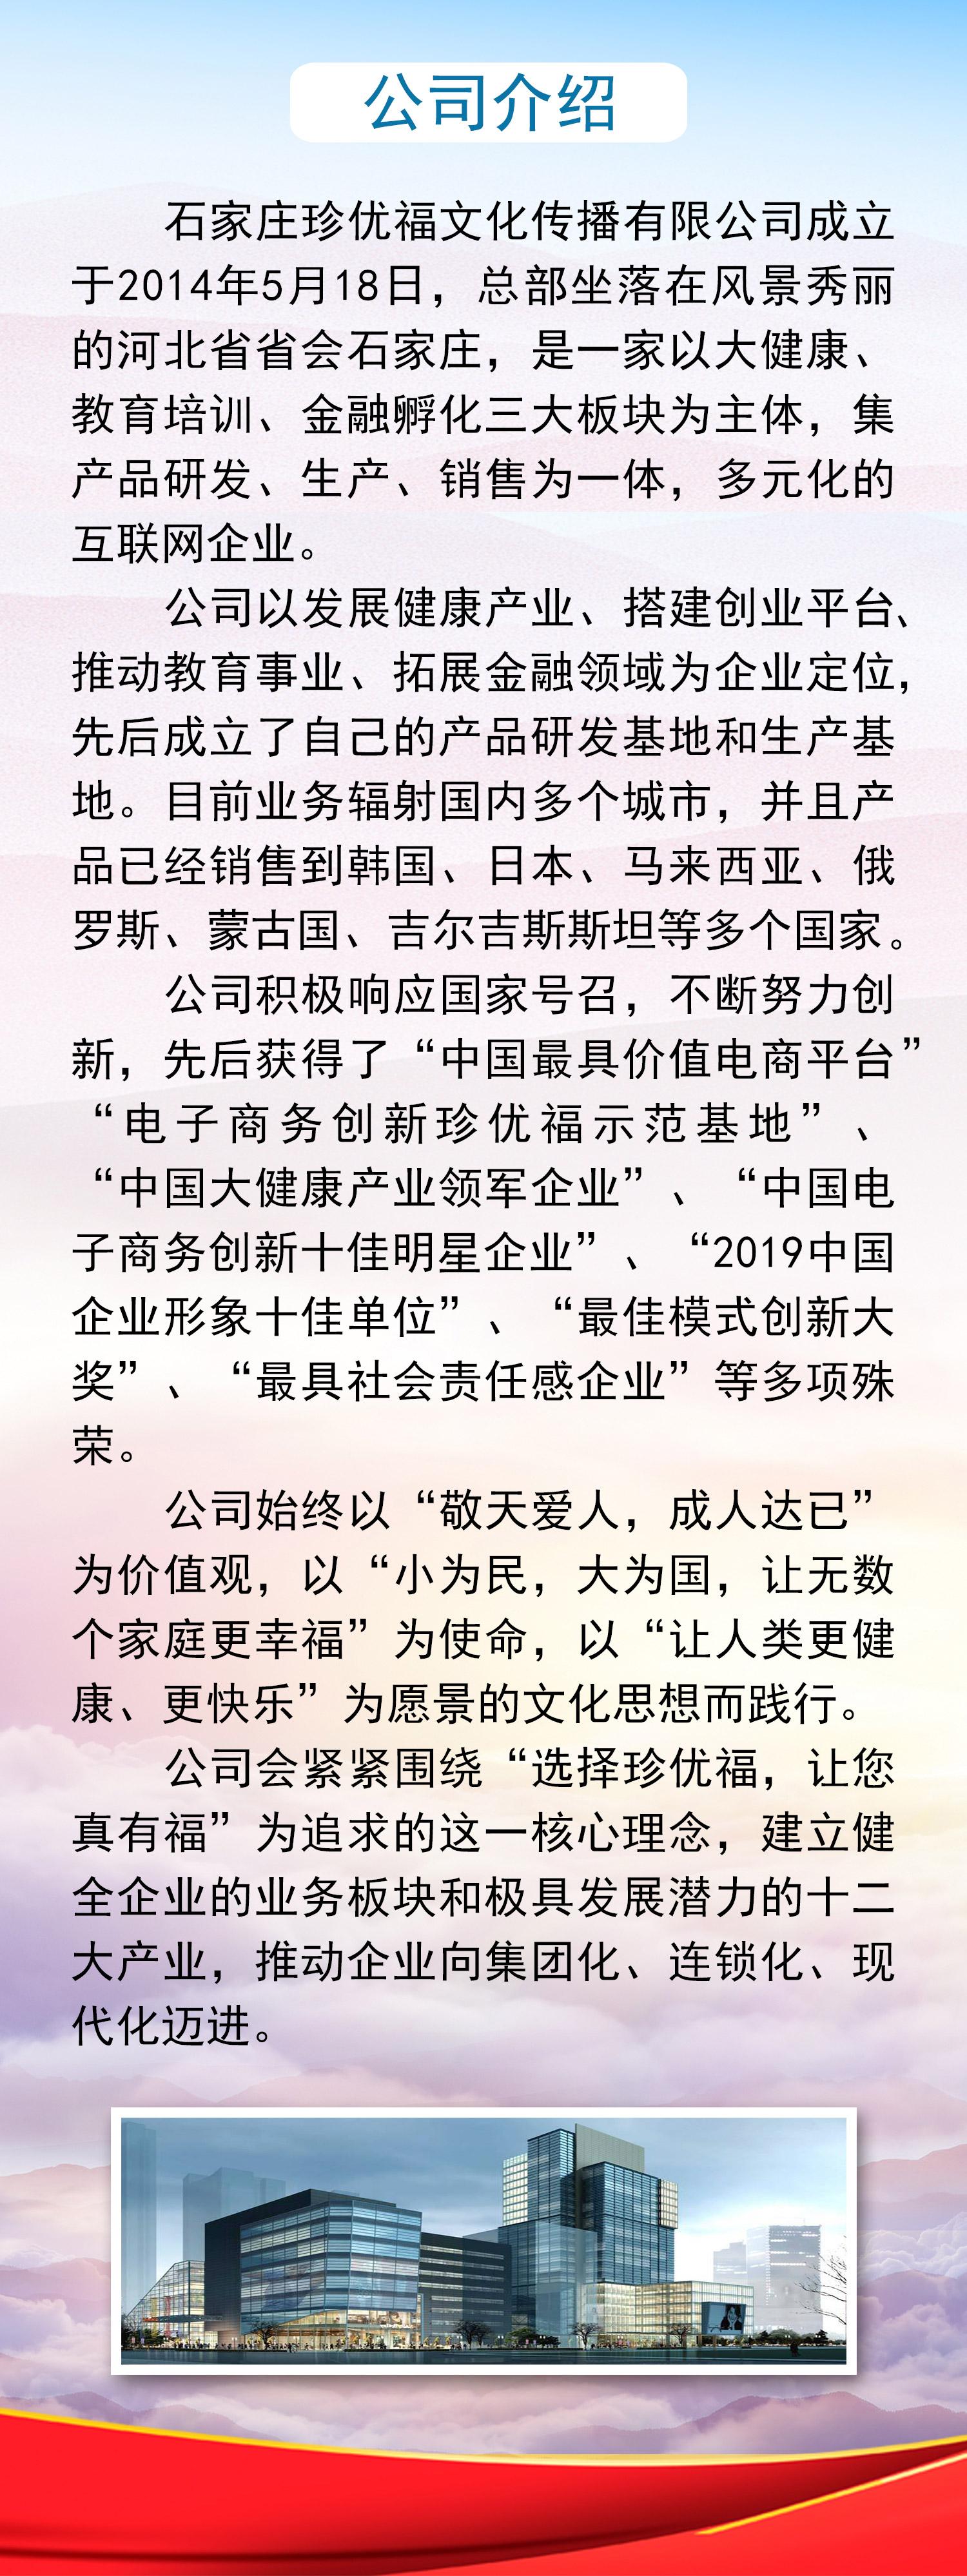 http://image.zhenyoufu.com.cn/shop/article/06711082922246526.jpg